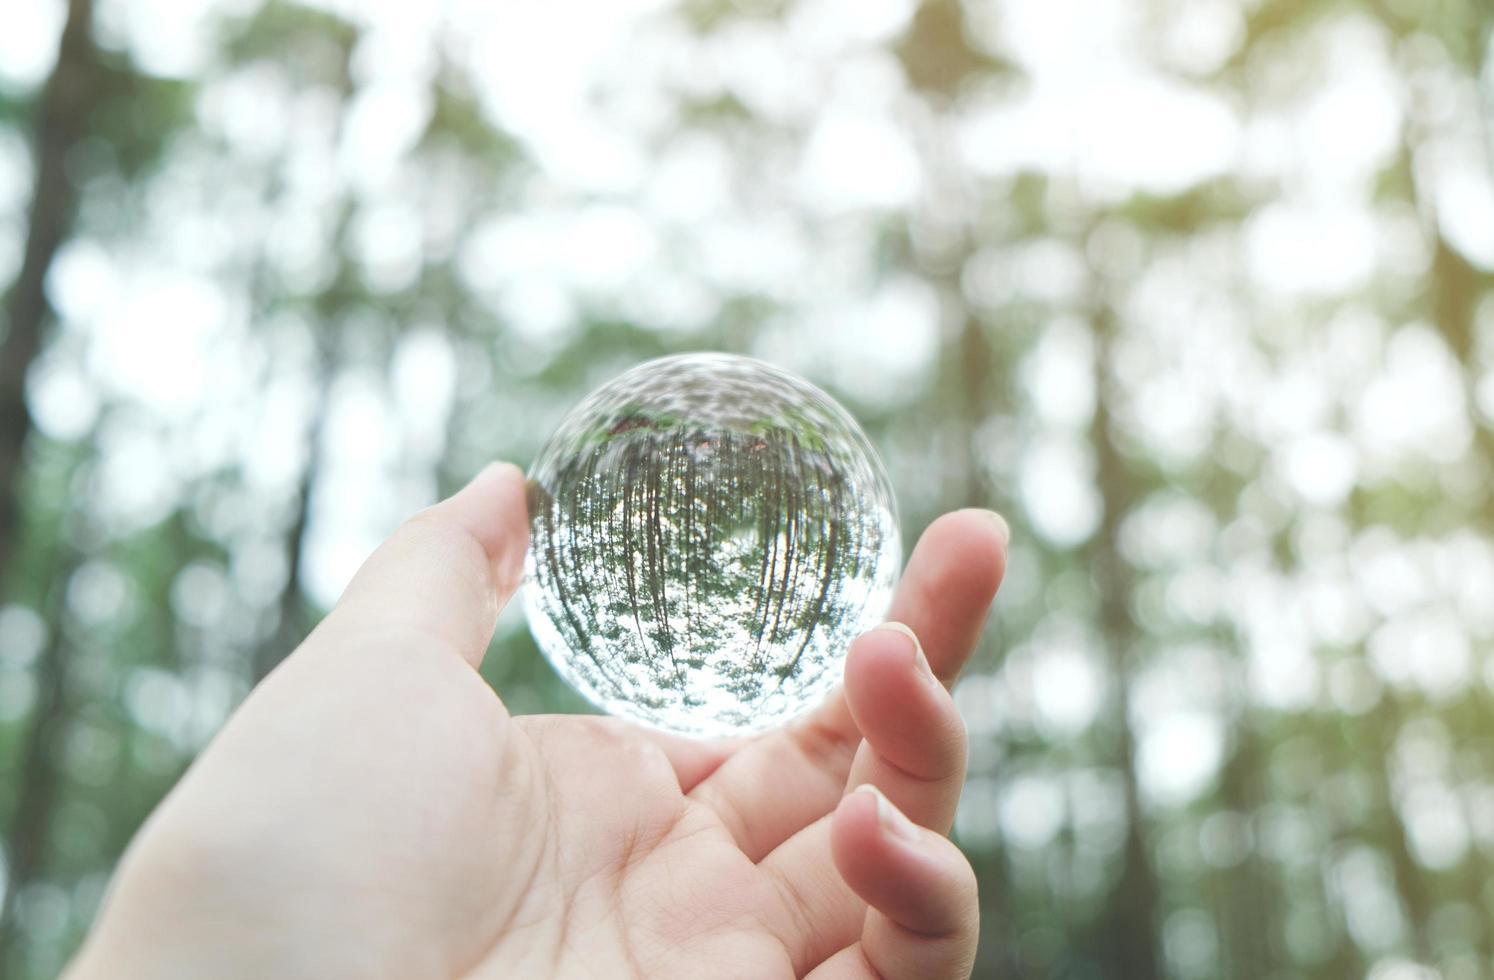 sfera di cristallo in natura foto